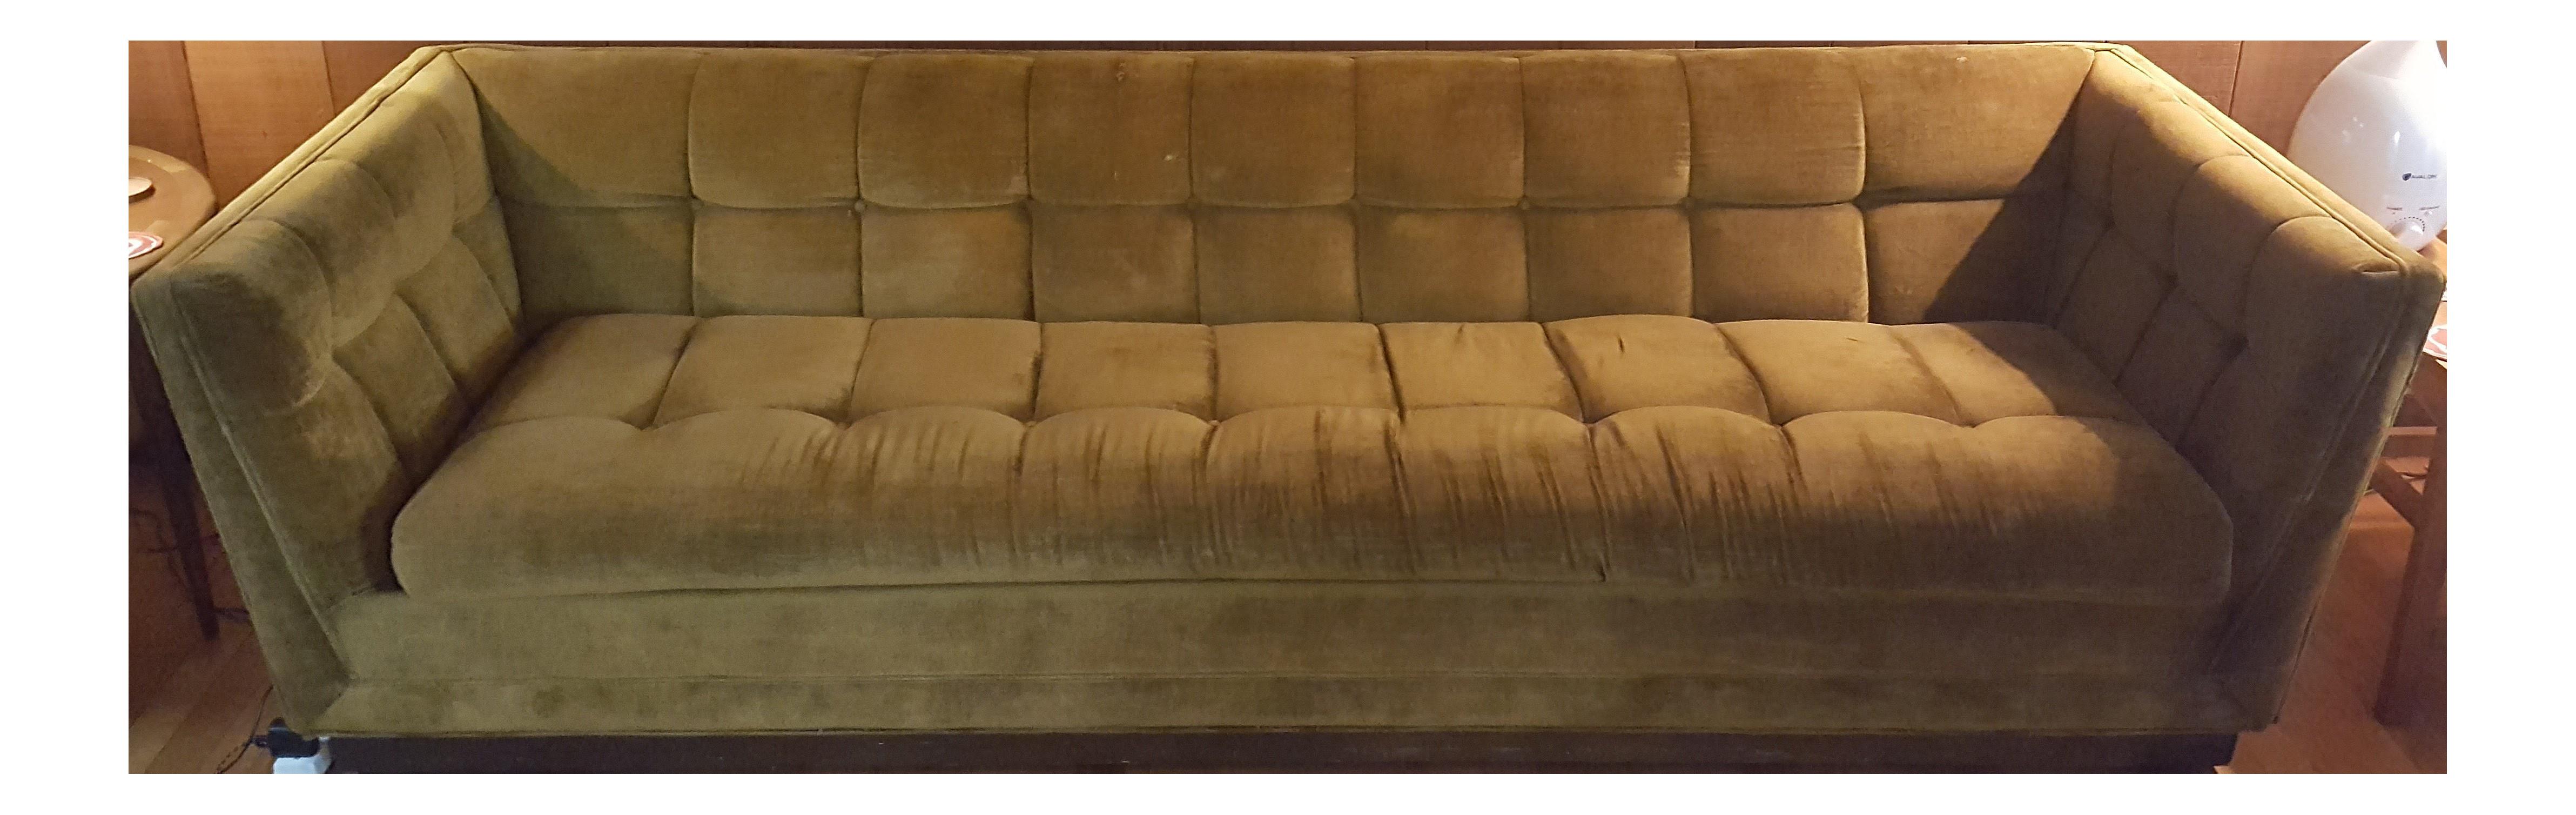 Mid Century Modern Citron Yellow Velvet Tufted Sofa For Sale